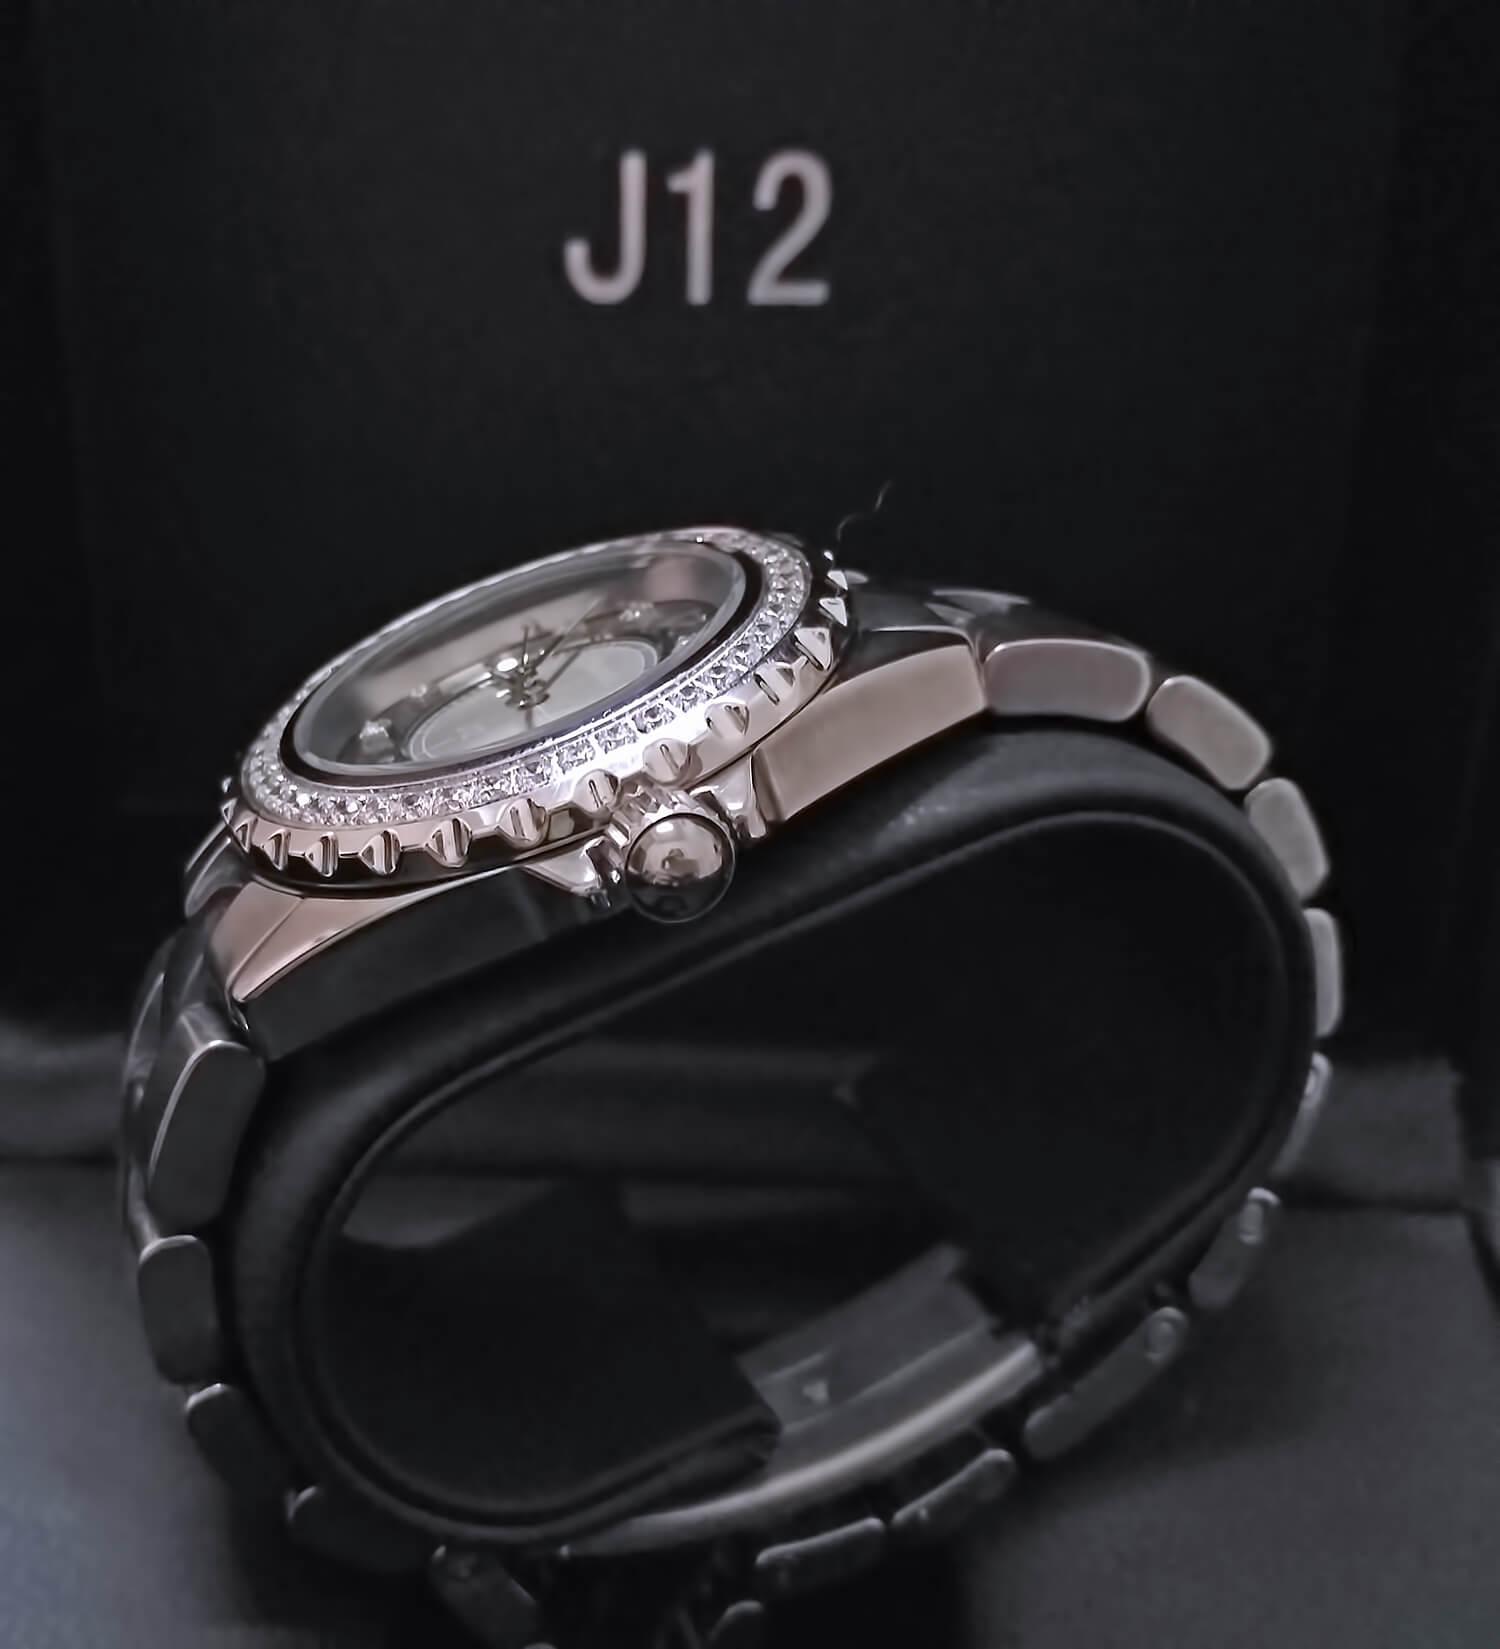 Керамические корпус и браслет реплики Chanel J12 Chromatic Diamond